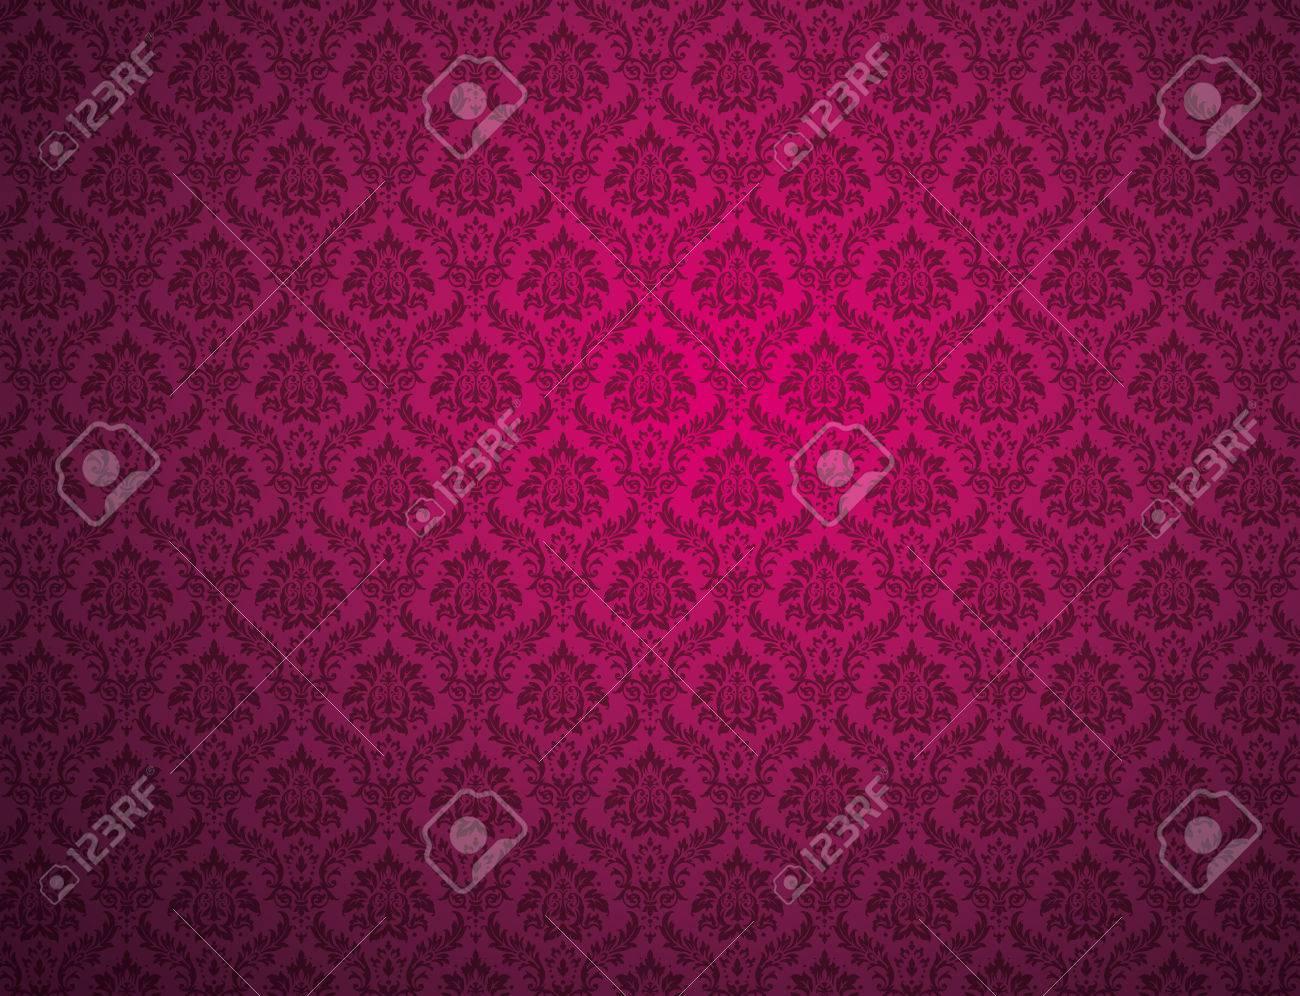 花柄とパープルのダマスク織の壁紙 の写真素材 画像素材 Image 71537652